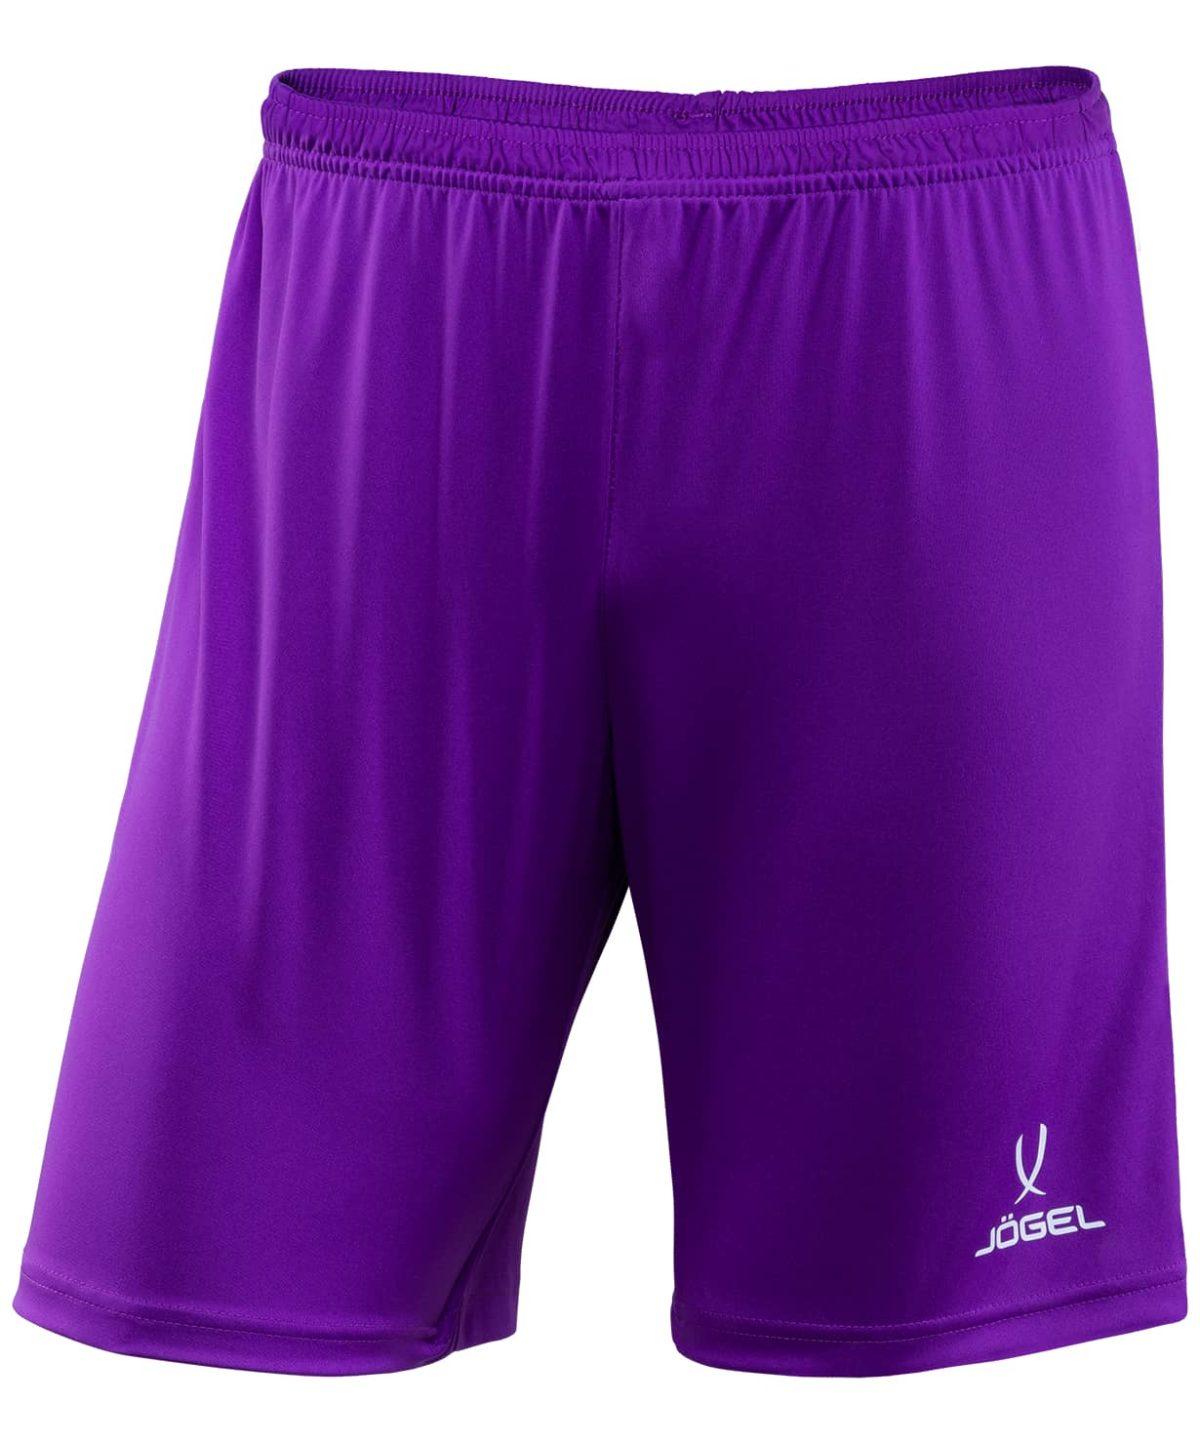 JOGEL CAMP Шорты футбольные детские, фиолетовый/белый  JFS-1120-V1-K - 1